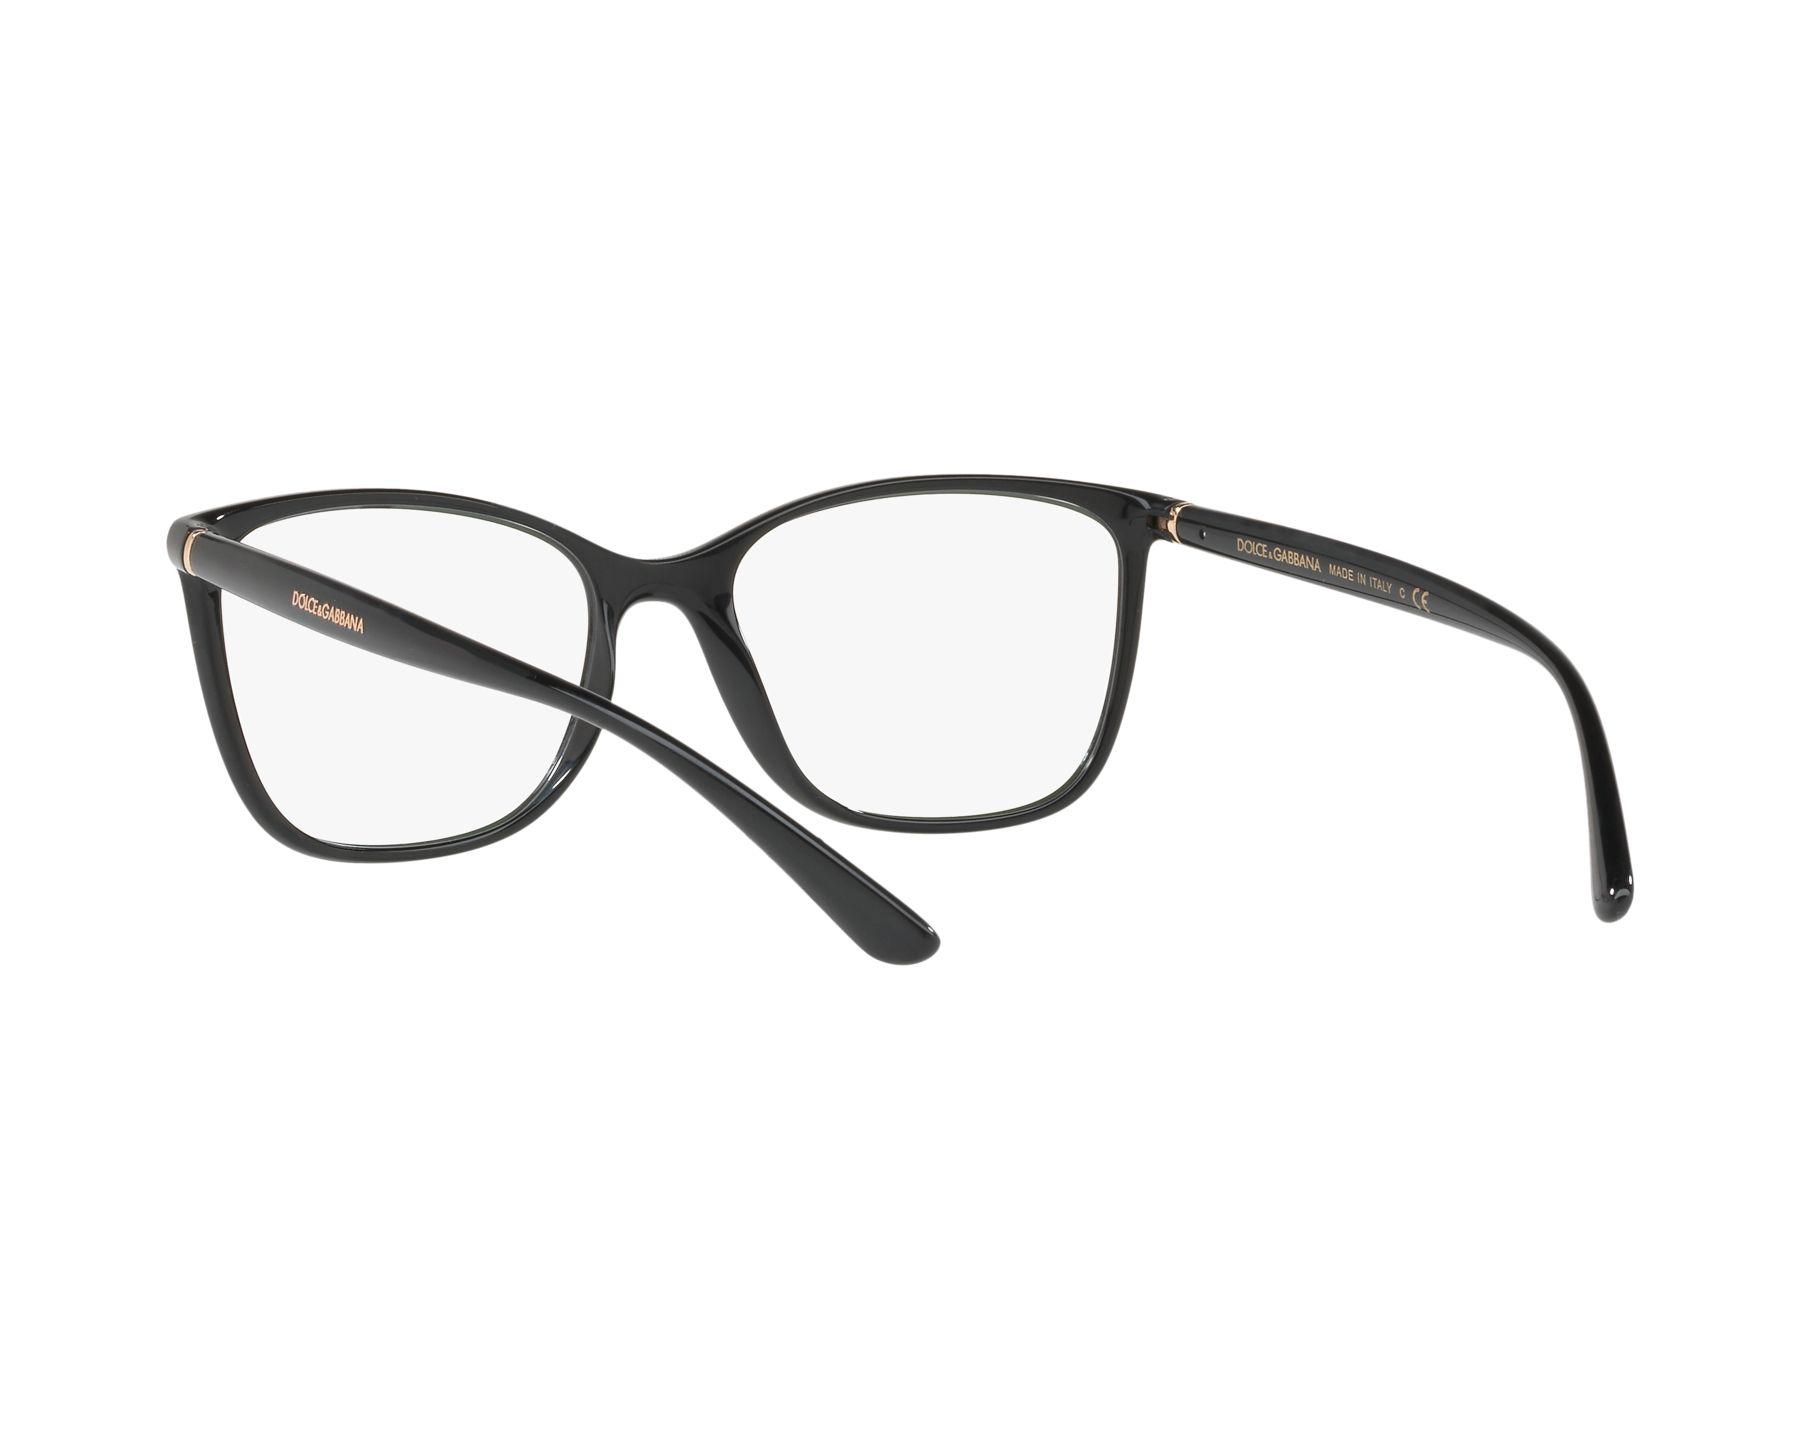 Eyeglasses Dolce /& Gabbana DG 5026 501 BLACK